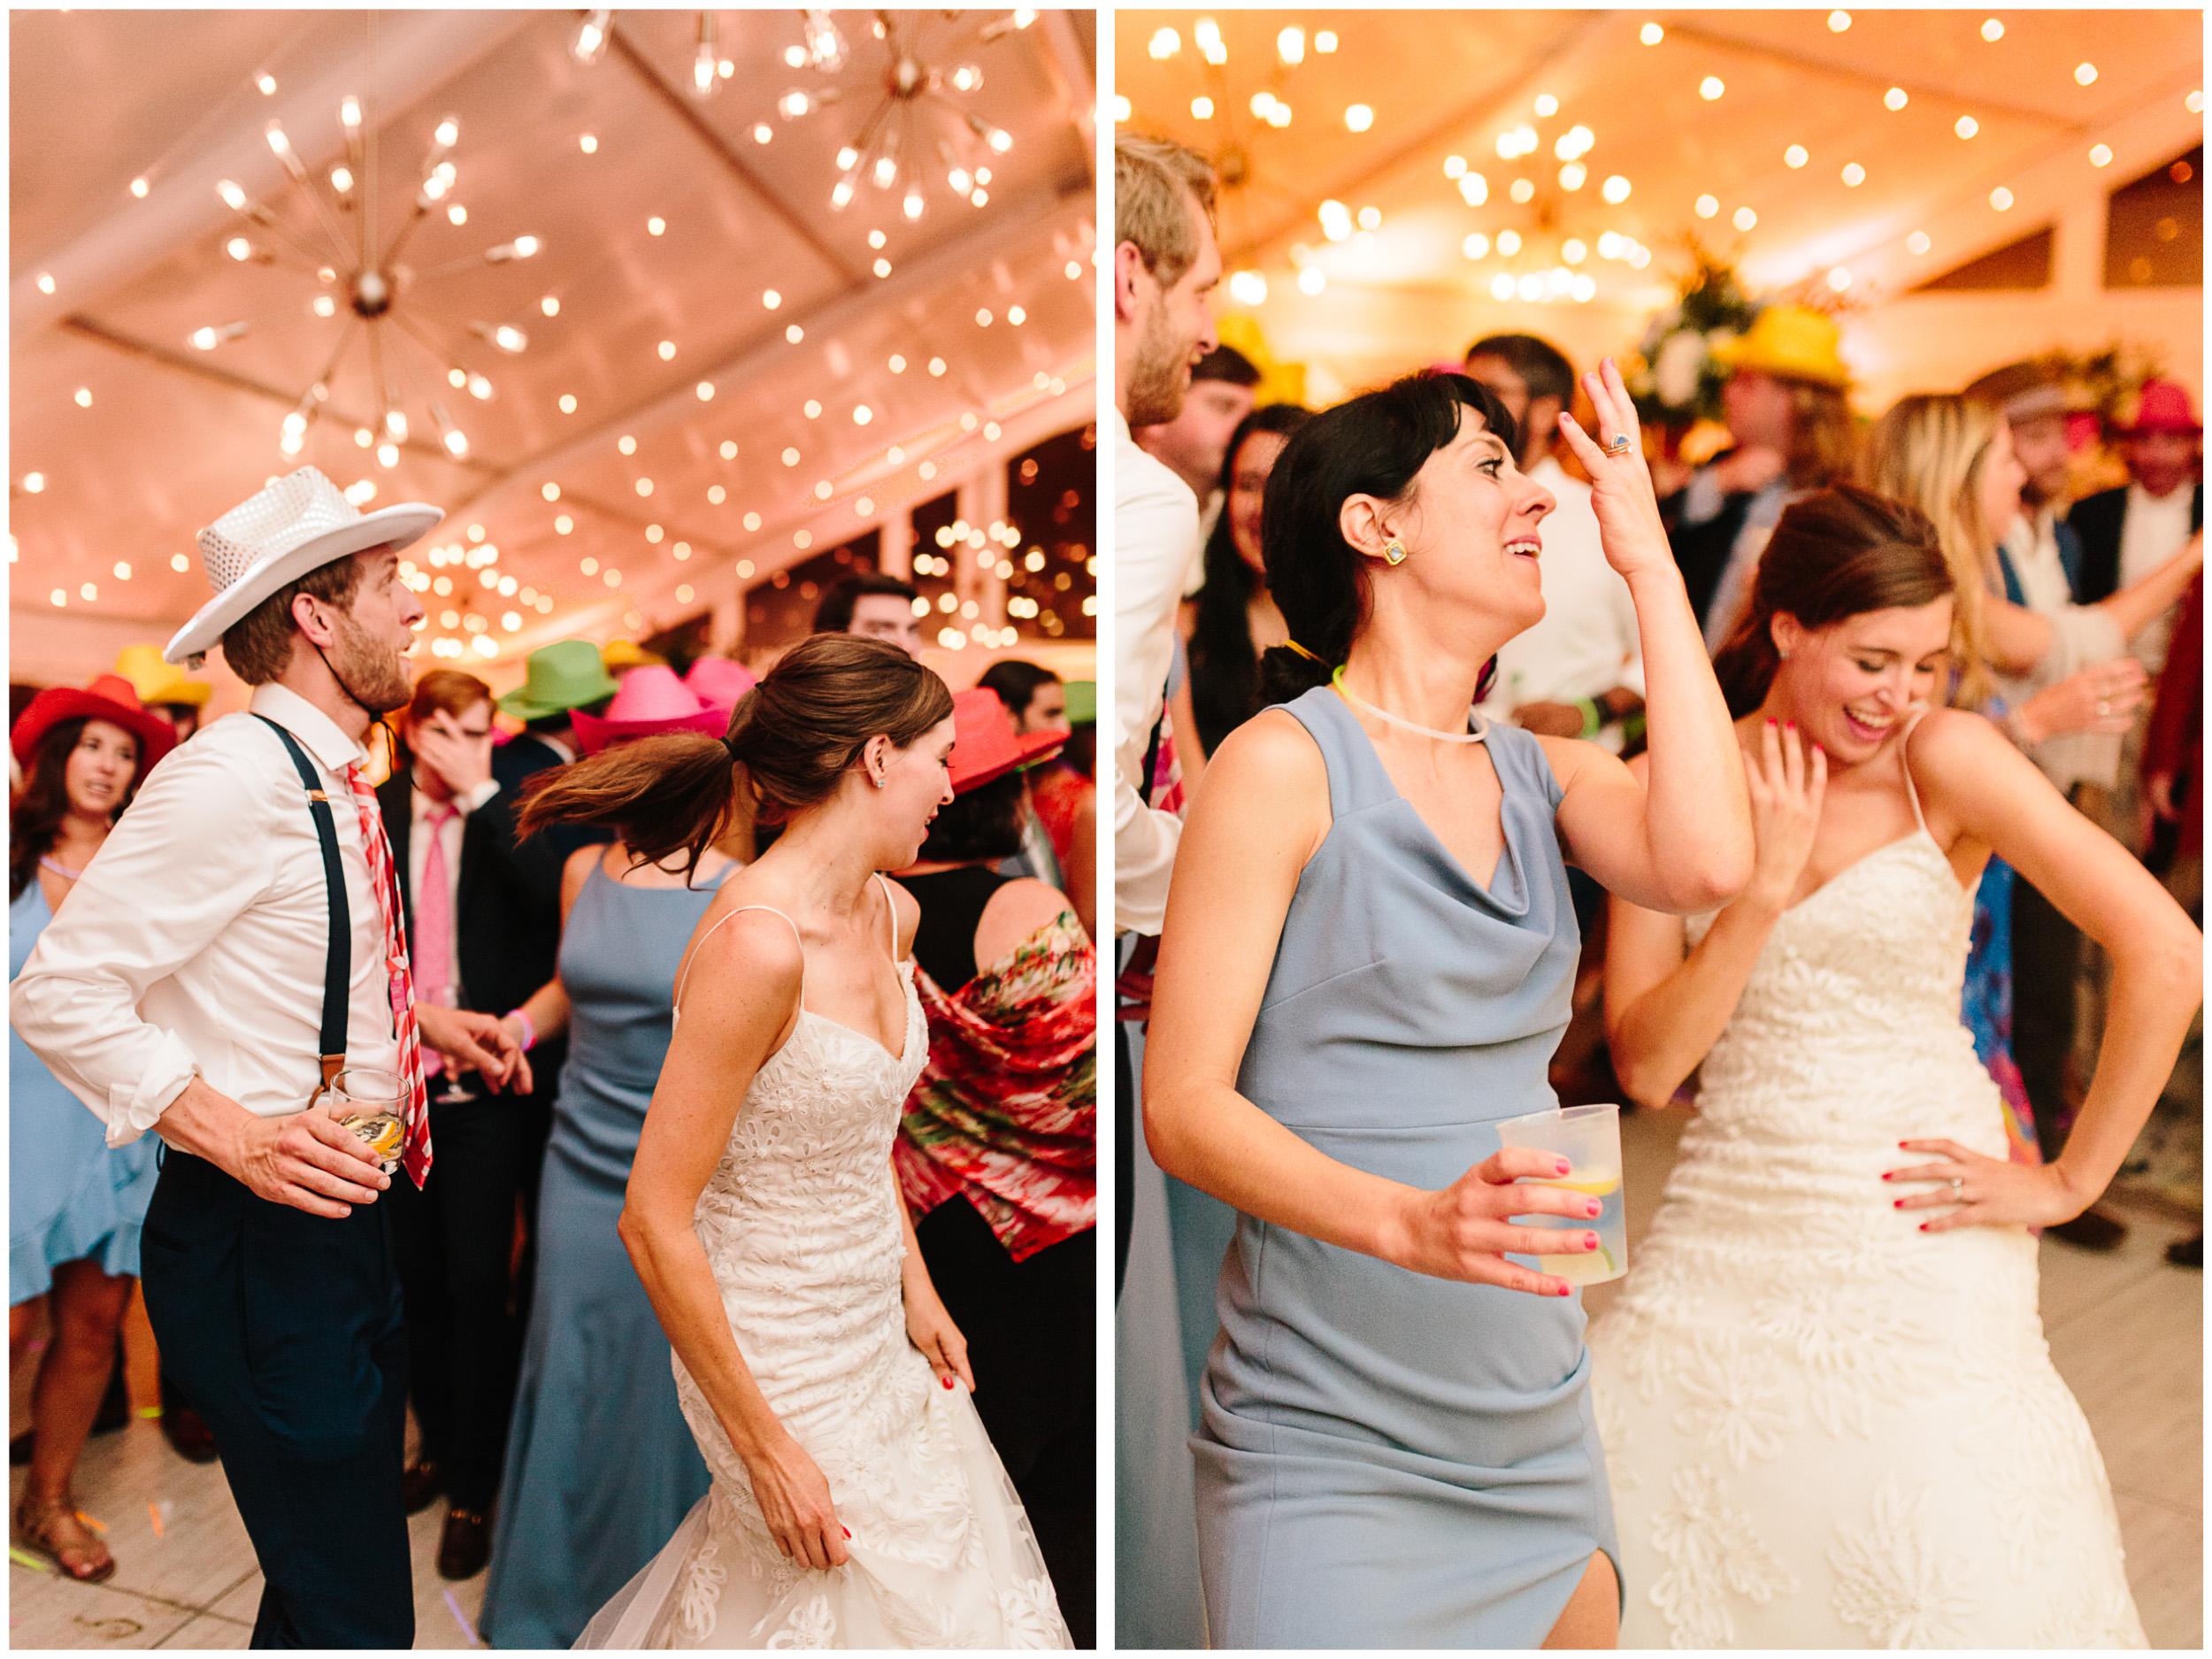 crested_butte_wedding_141a.jpg